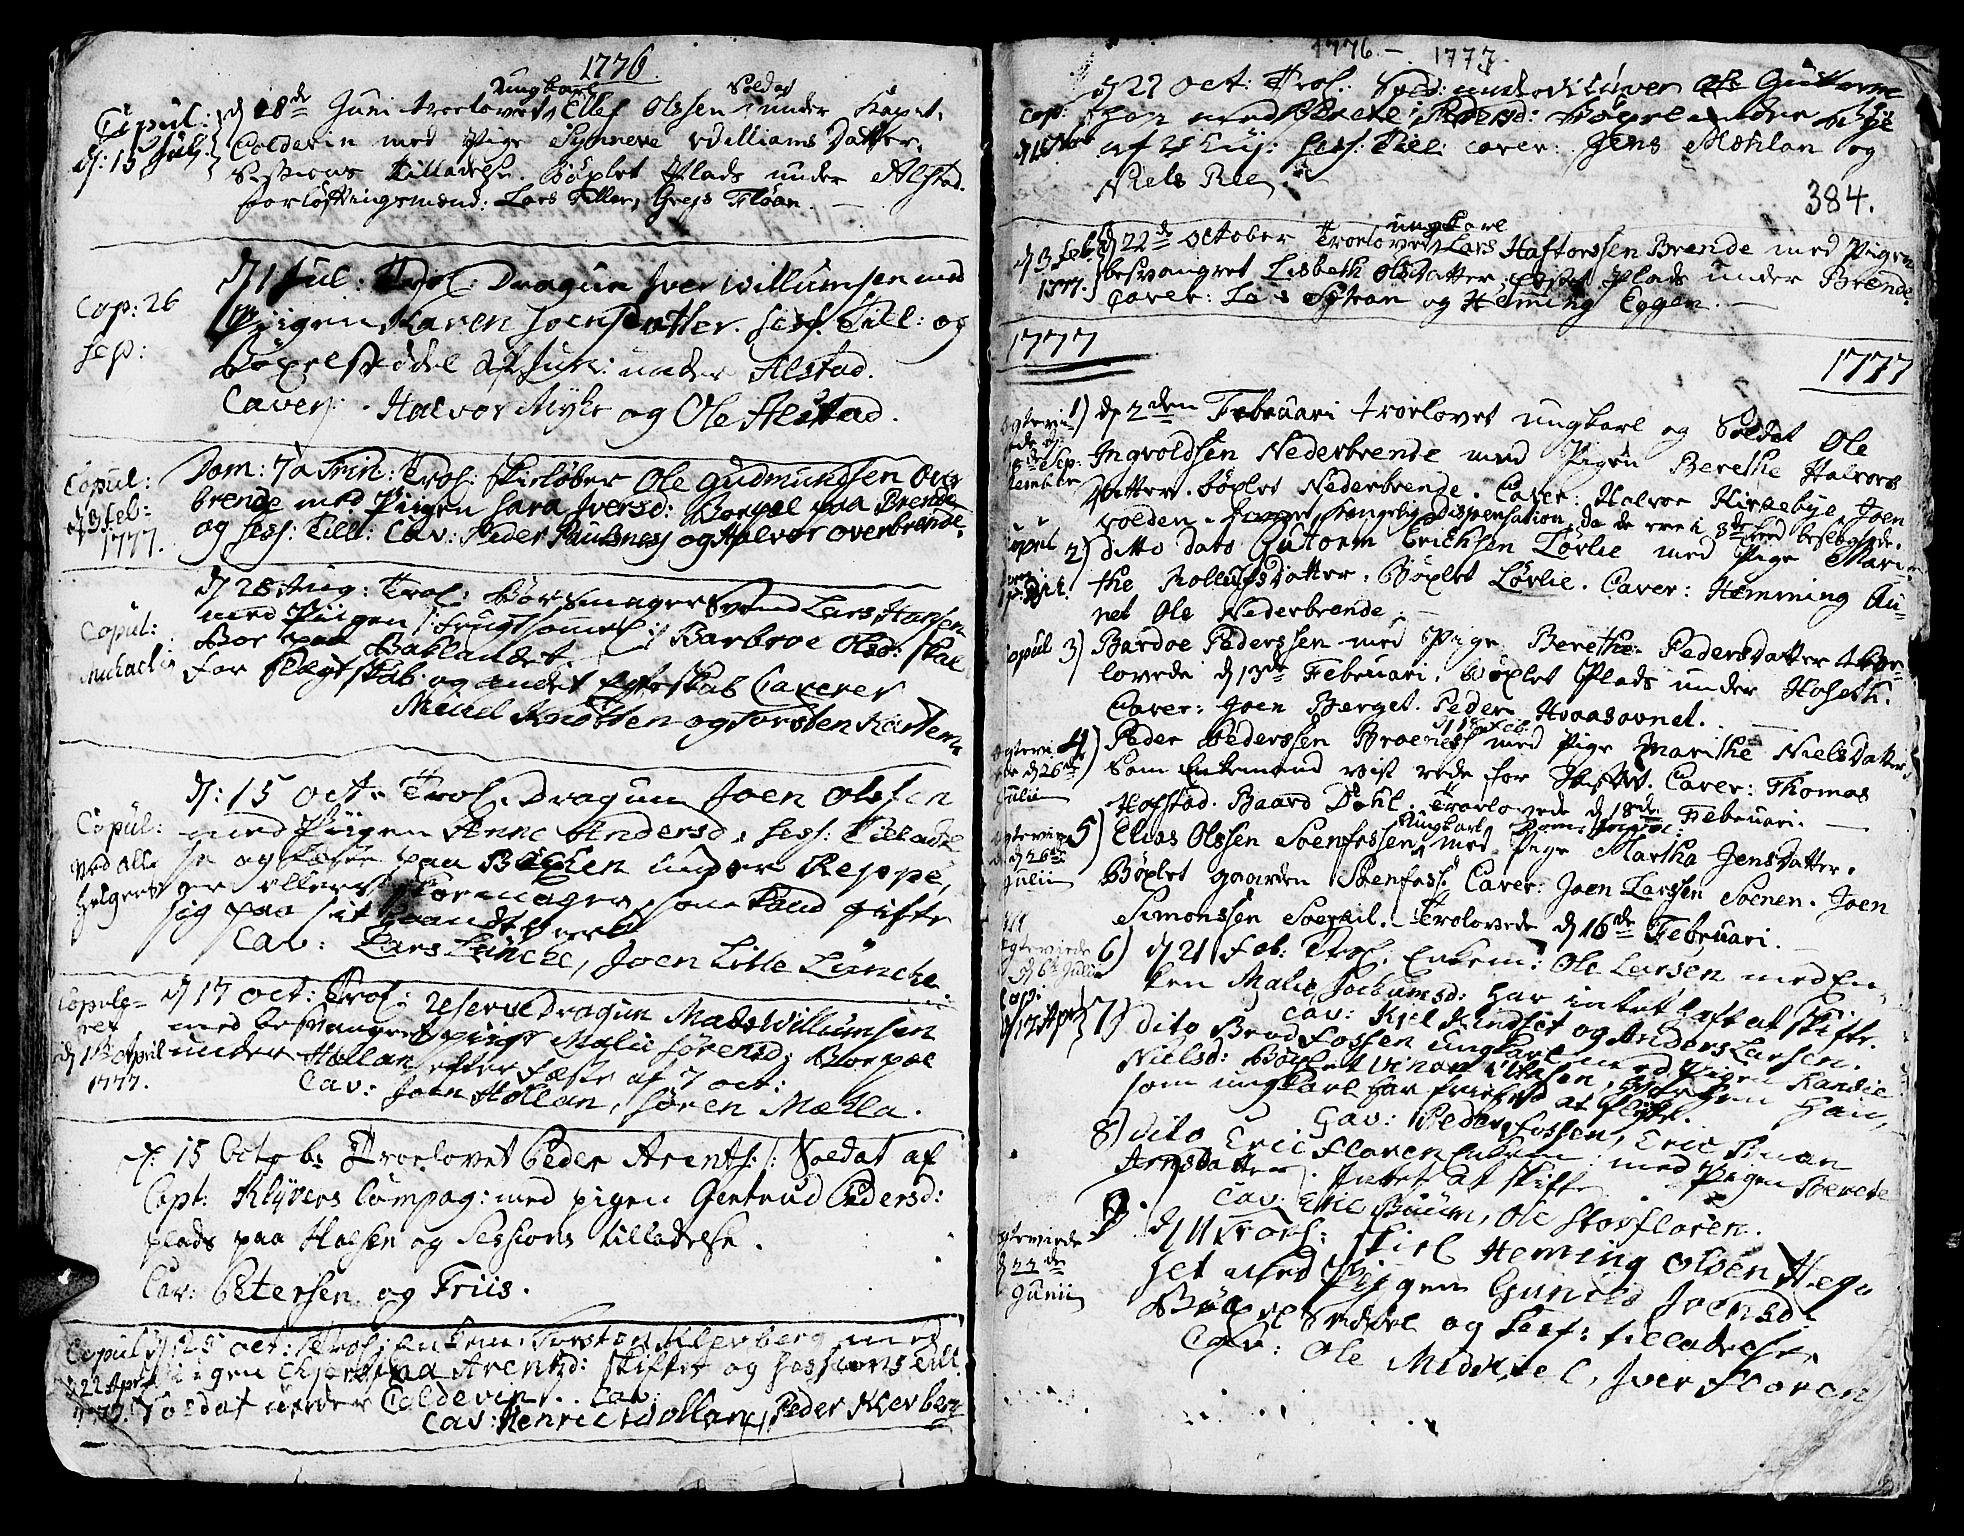 SAT, Ministerialprotokoller, klokkerbøker og fødselsregistre - Nord-Trøndelag, 709/L0057: Ministerialbok nr. 709A05, 1755-1780, s. 384